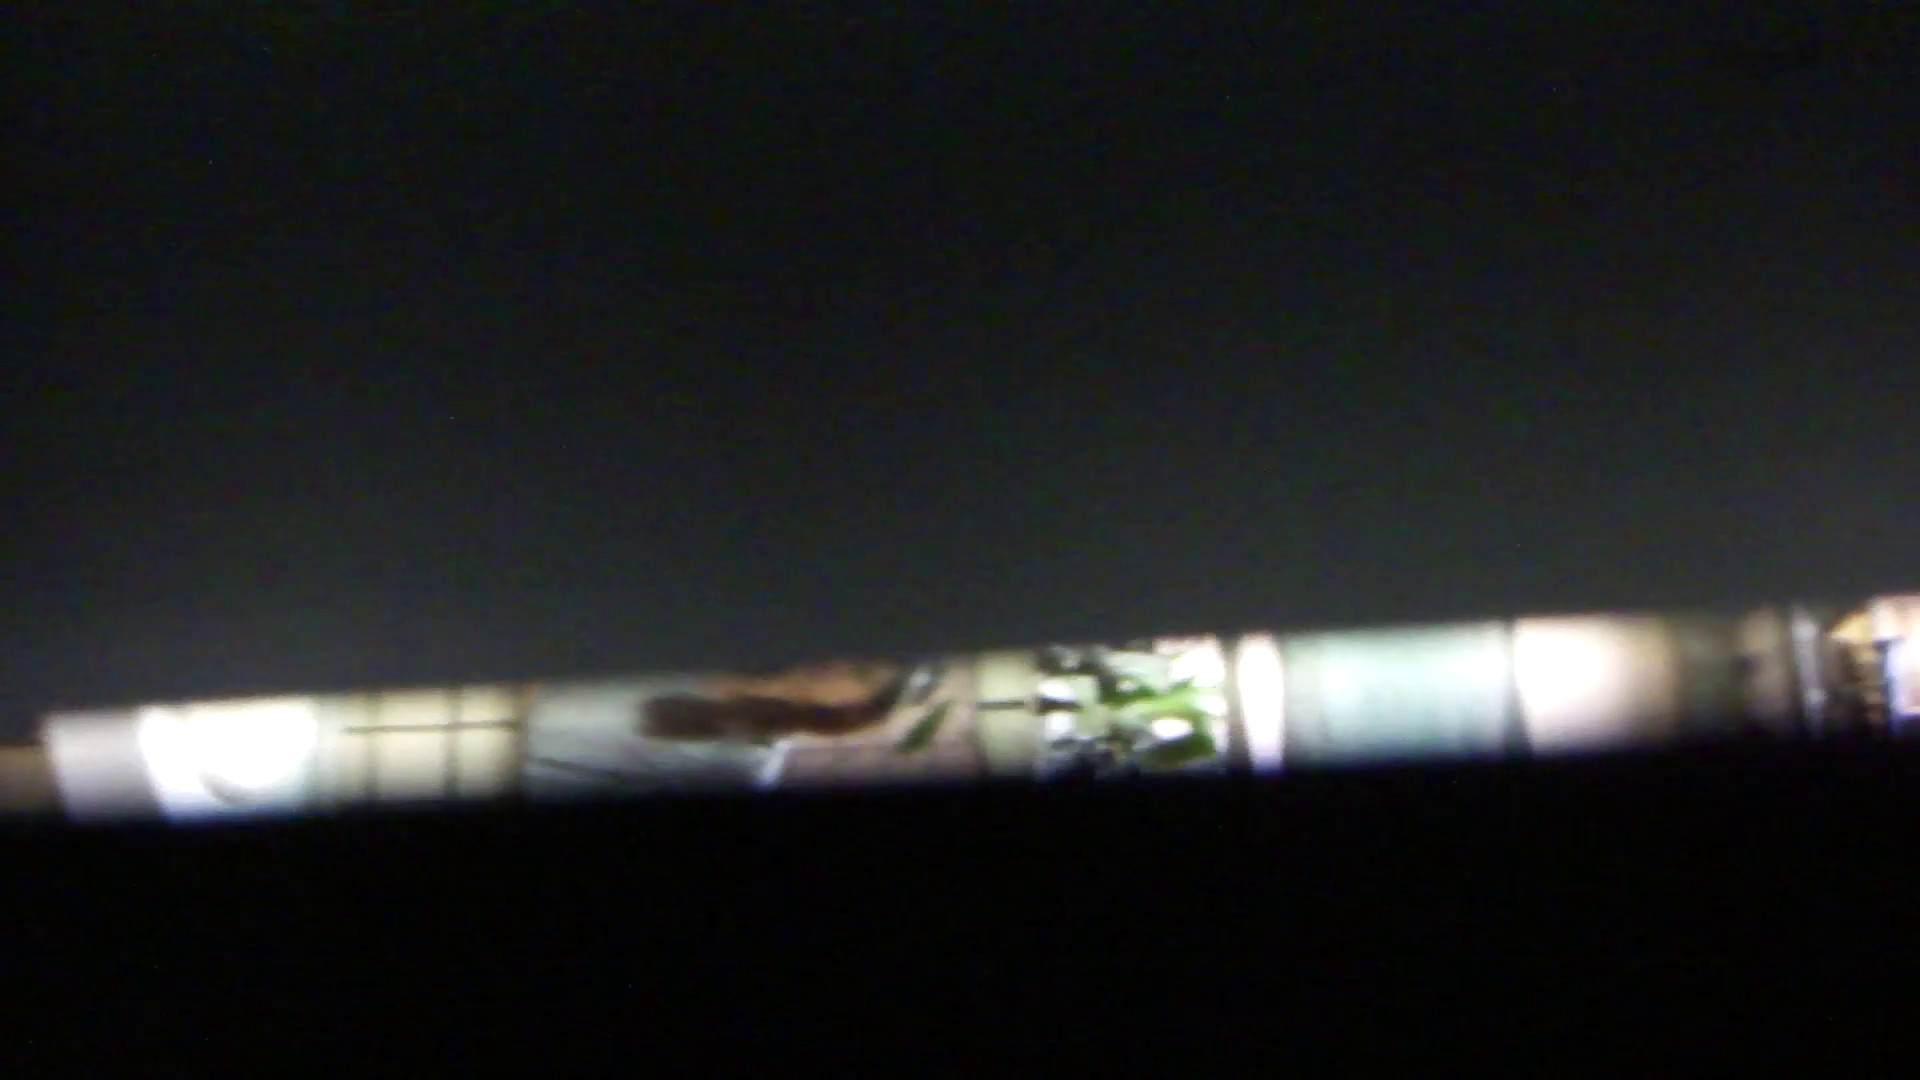 JD盗撮 美女の洗面所の秘密 Vol.76 高画質 オメコ無修正動画無料 99画像 78